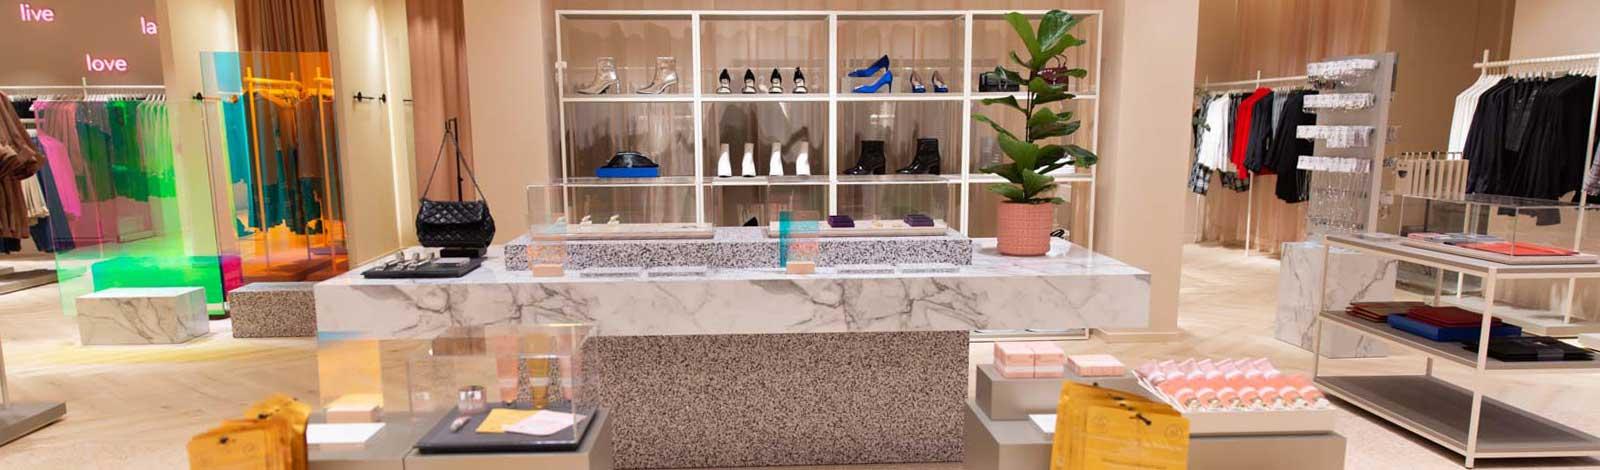 Bilden visar en butiksinredning från Gina Tricot